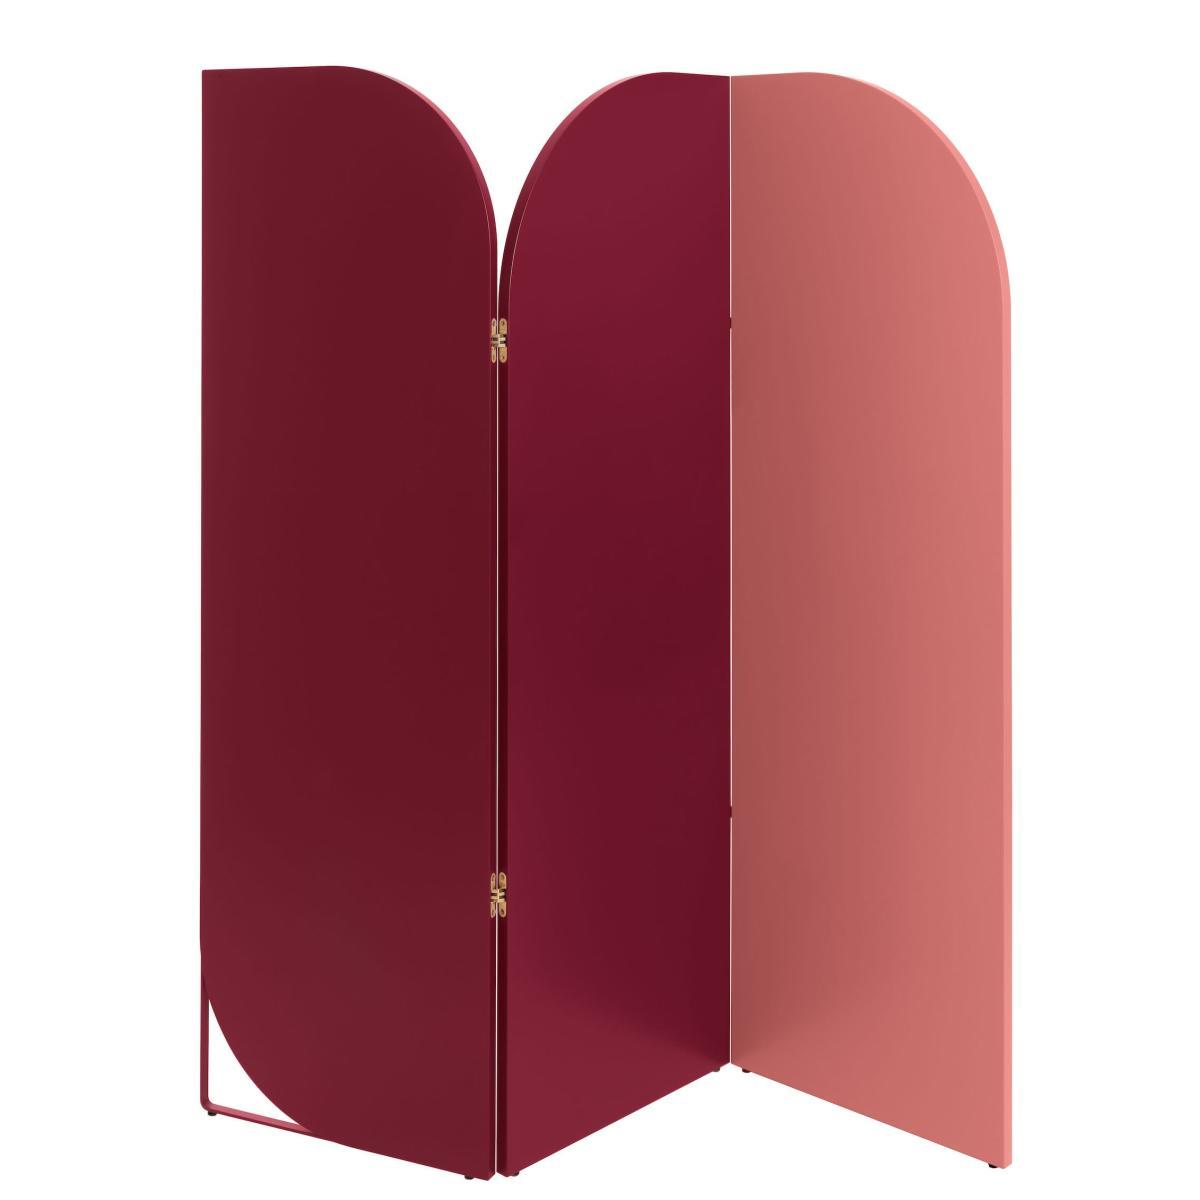 LOLA Raumteiler in jeder gewünschten Farbkombination erhältlich